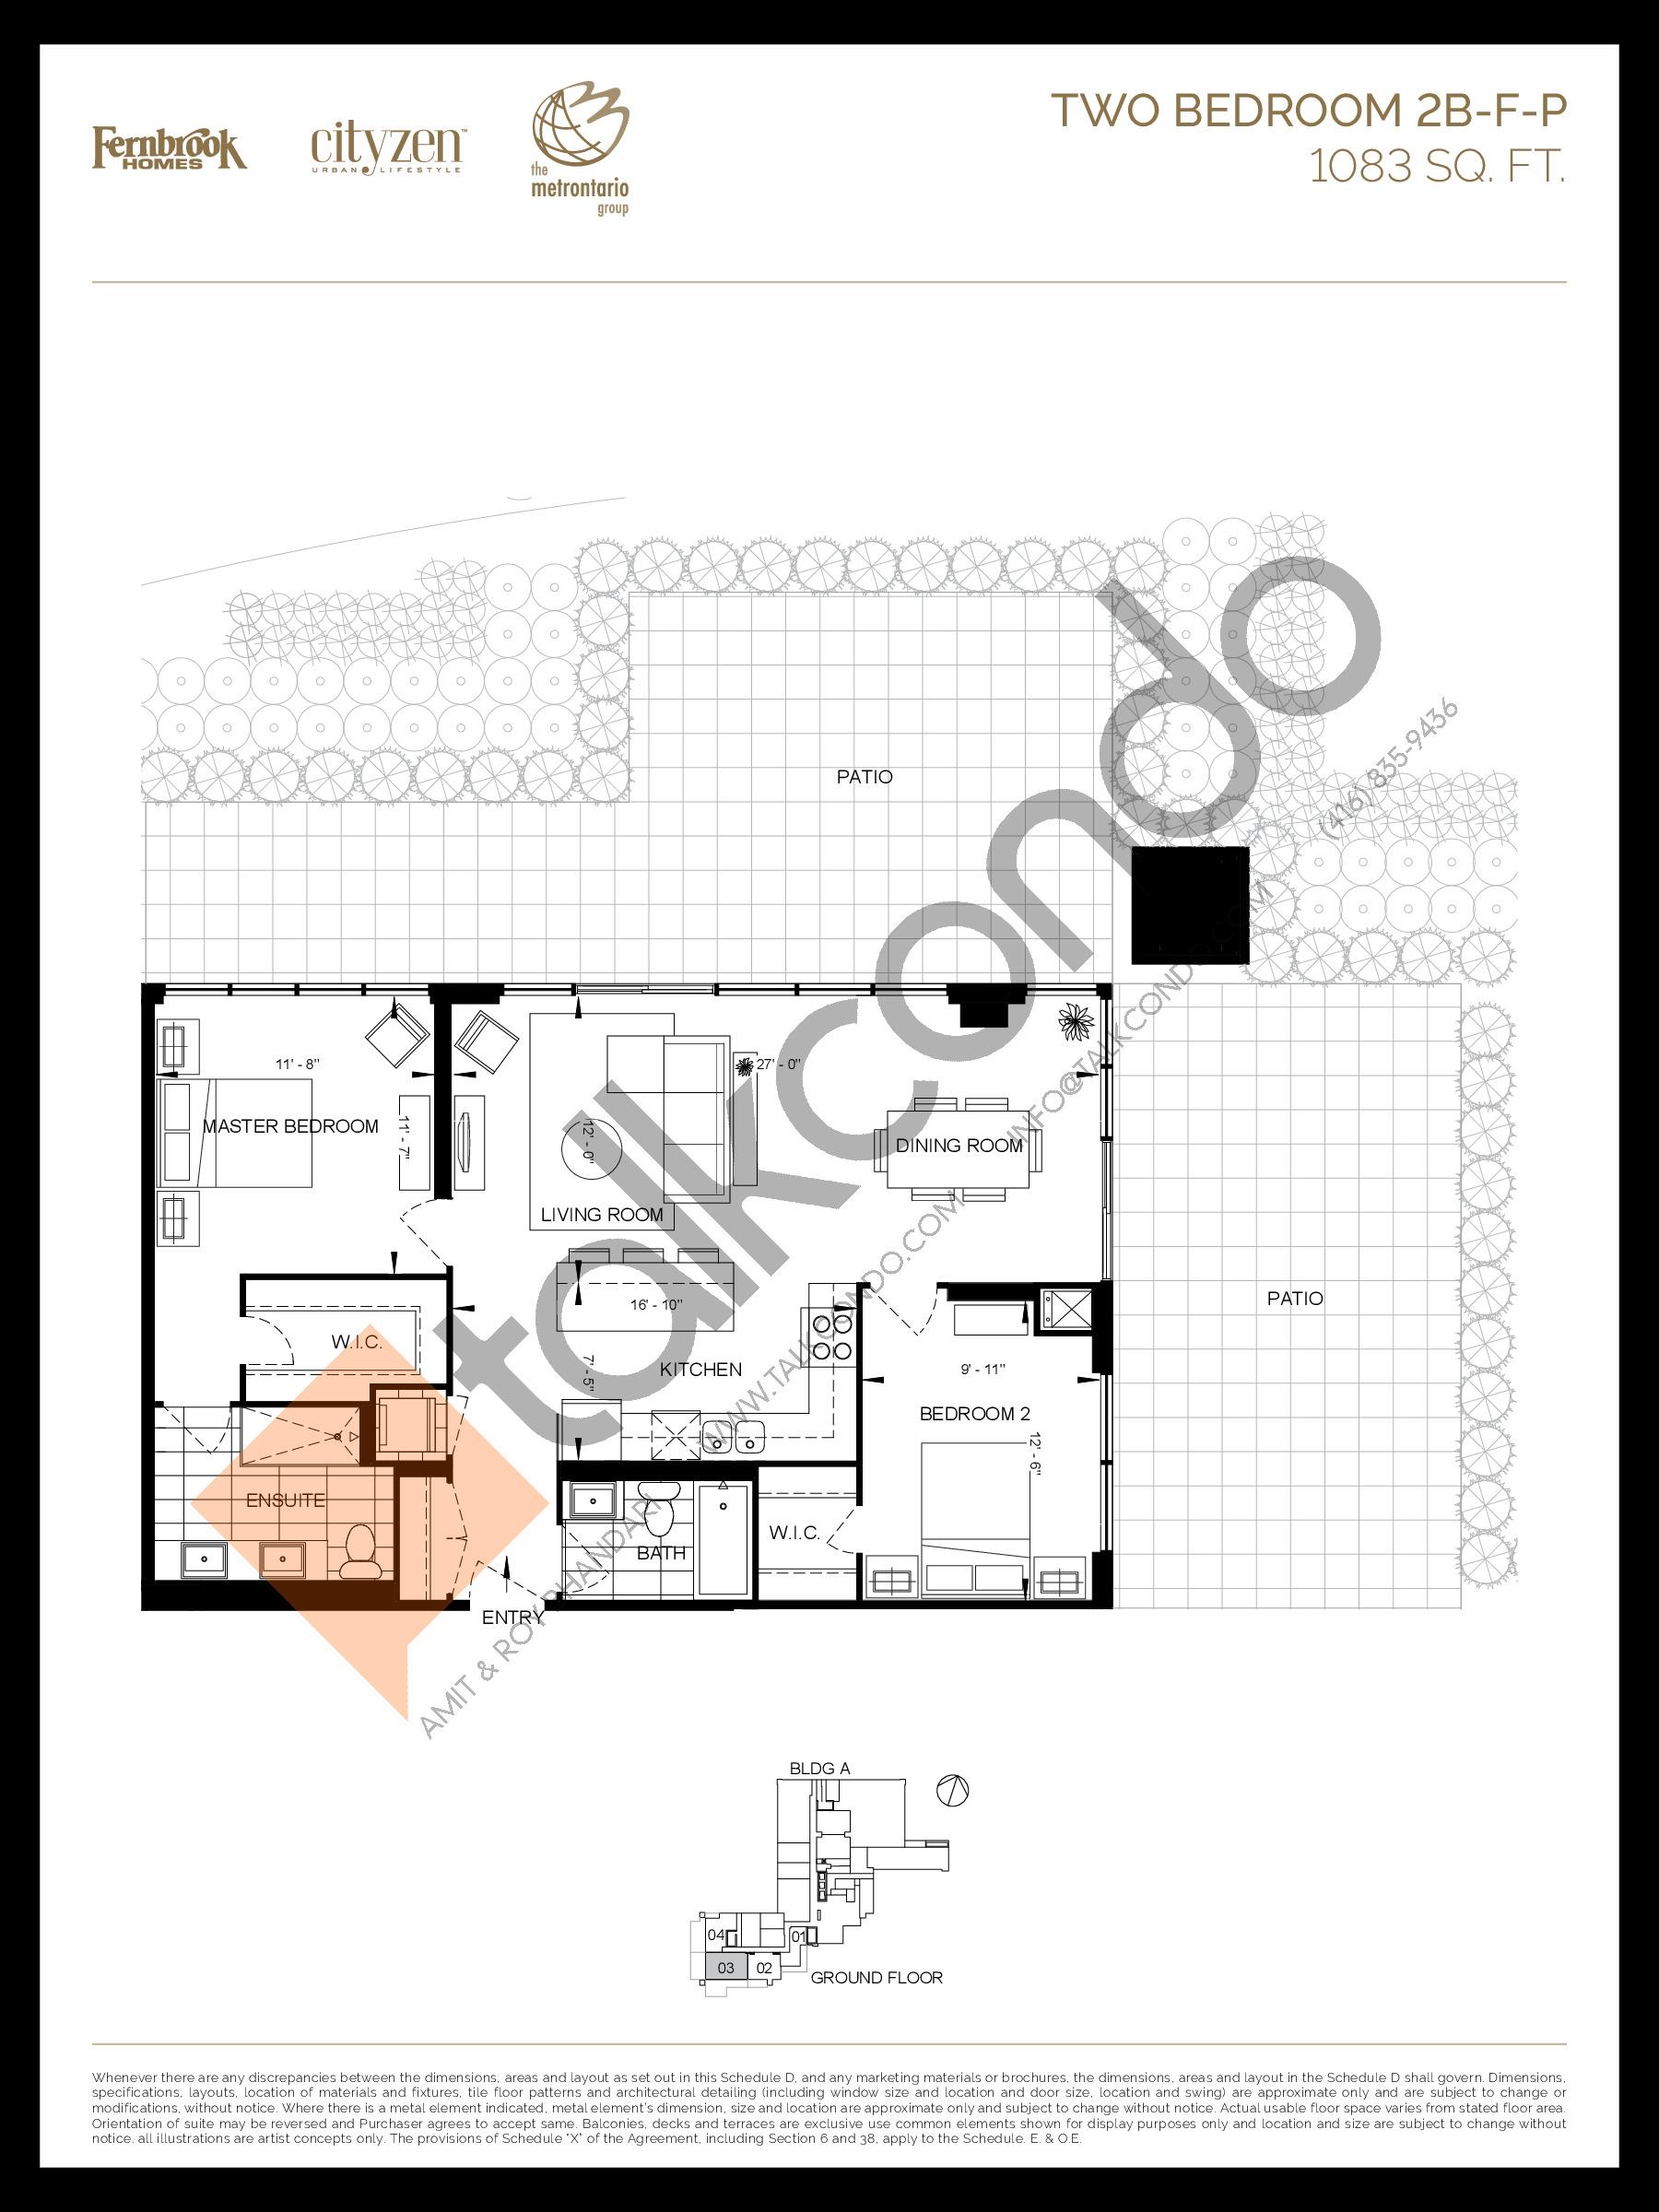 2B-F-P Floor Plan at D'or Condos - 1083 sq.ft